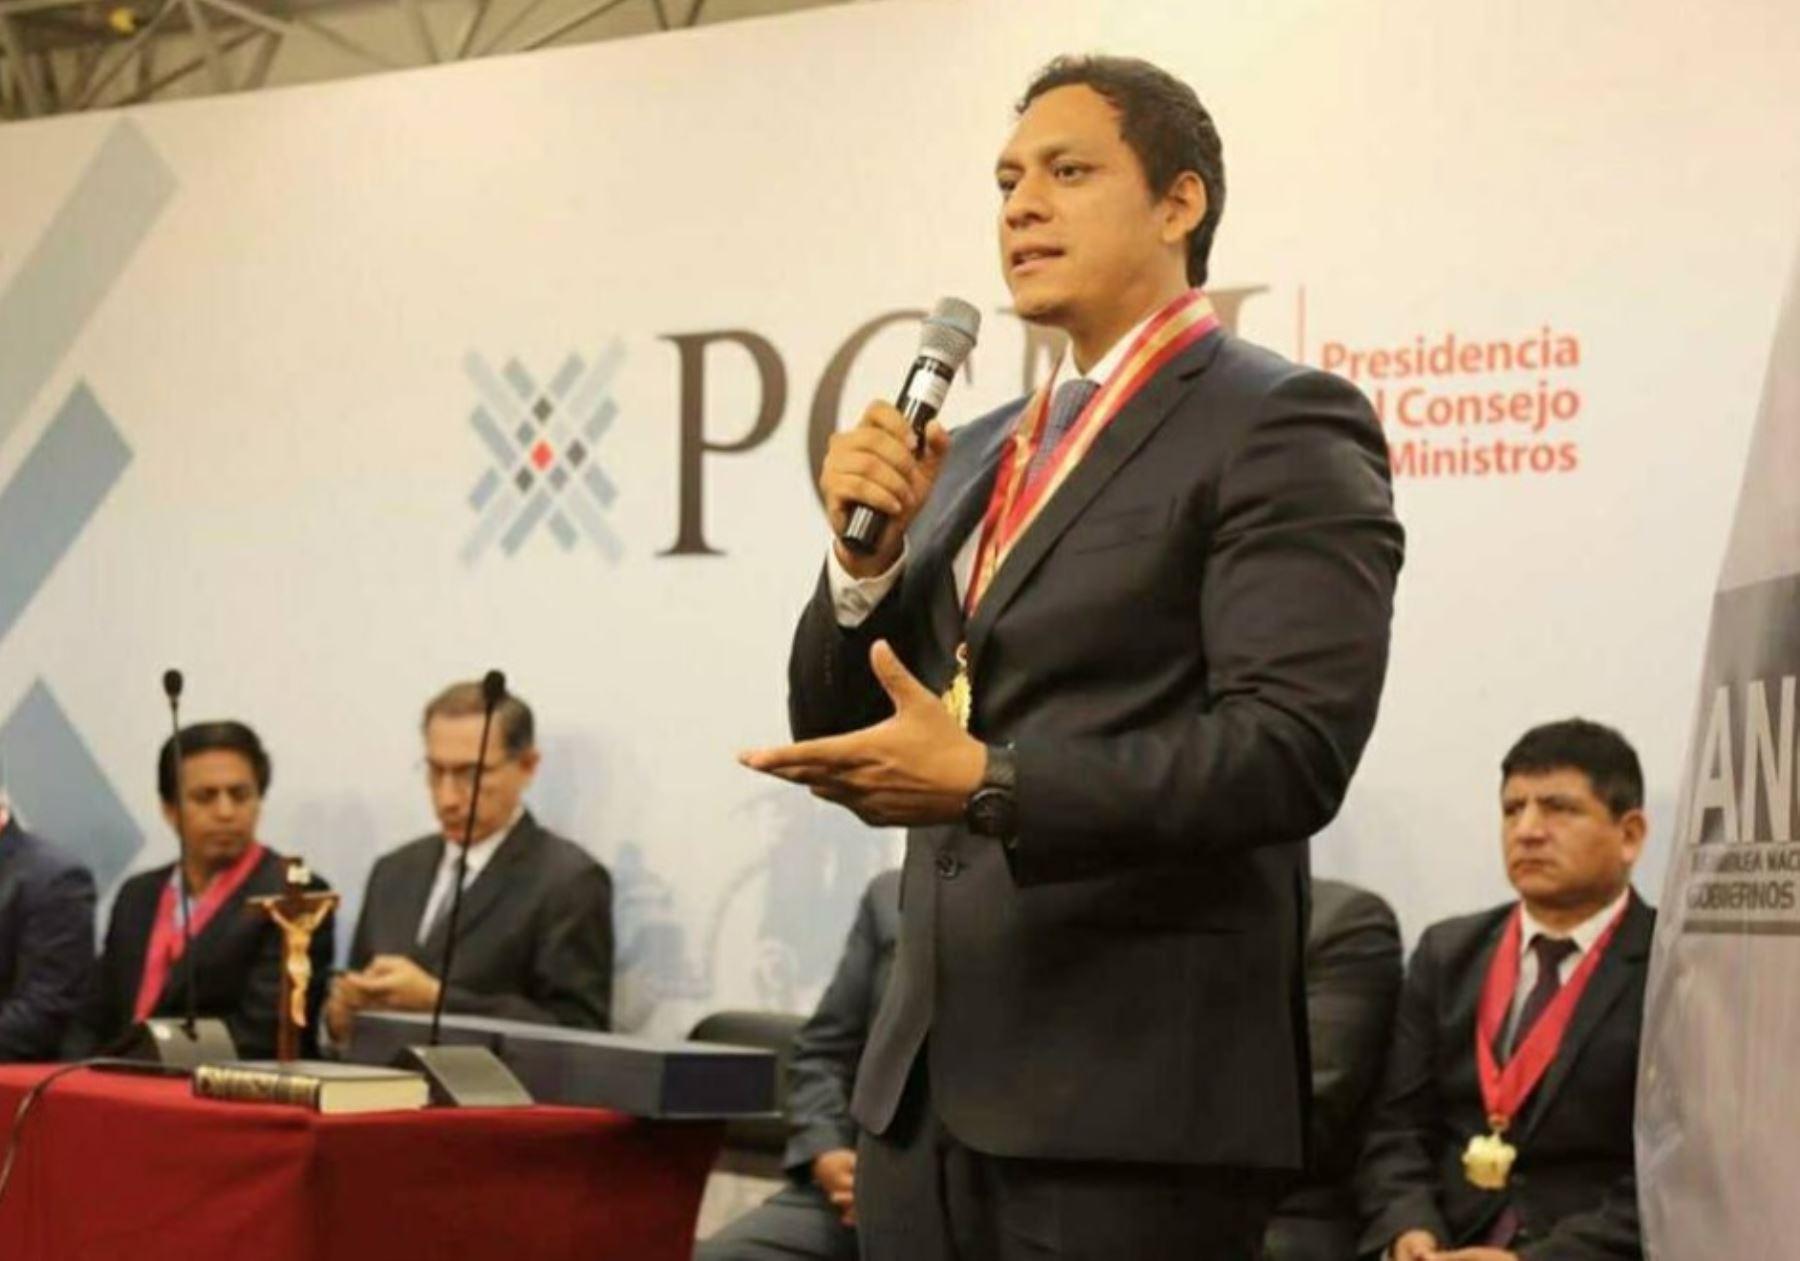 Gobernador regional de La Libertad y nuevo presidente de la Asamblea Nacional de Gobiernos Regionales (ANGR), Luis Valdez Farías.